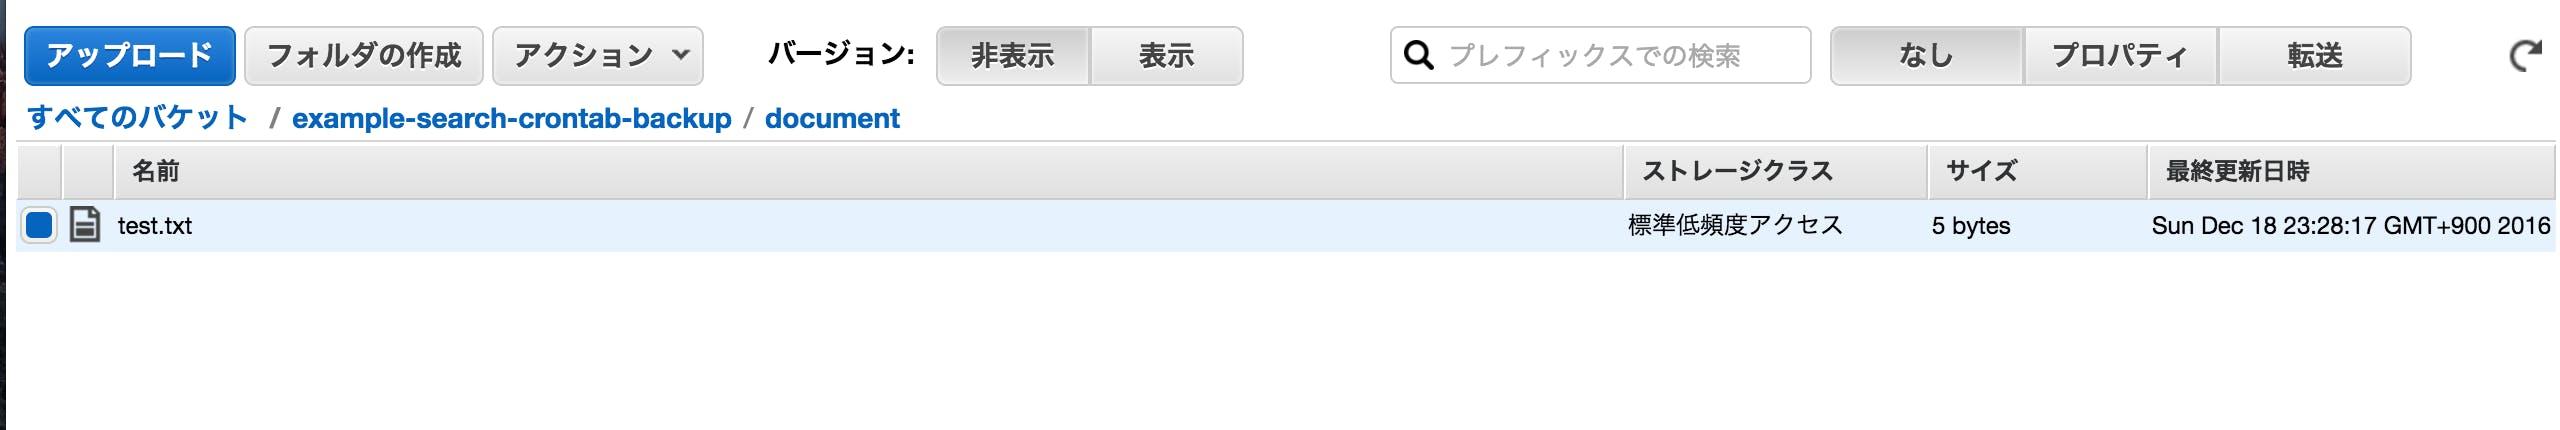 スクリーンショット 2016-12-18 23.36.08.png